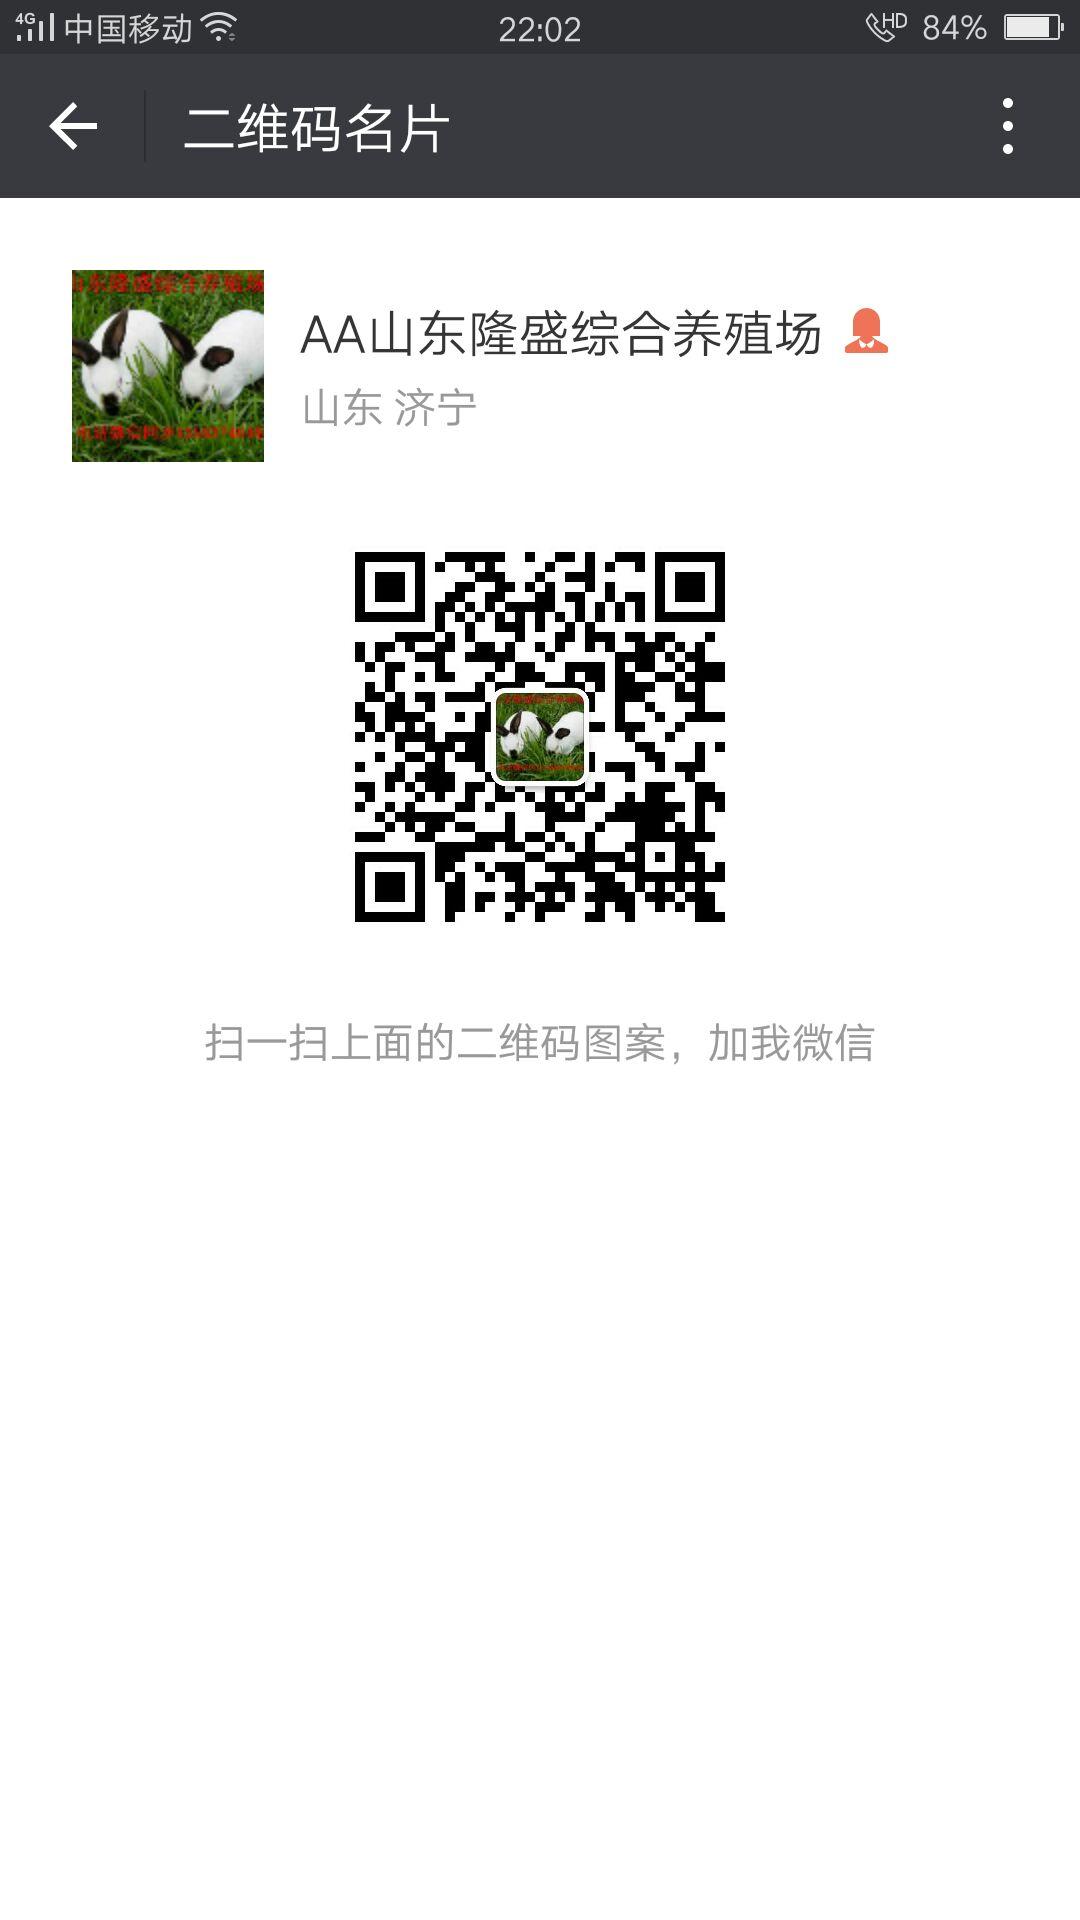 锦州肉兔商品兔价格